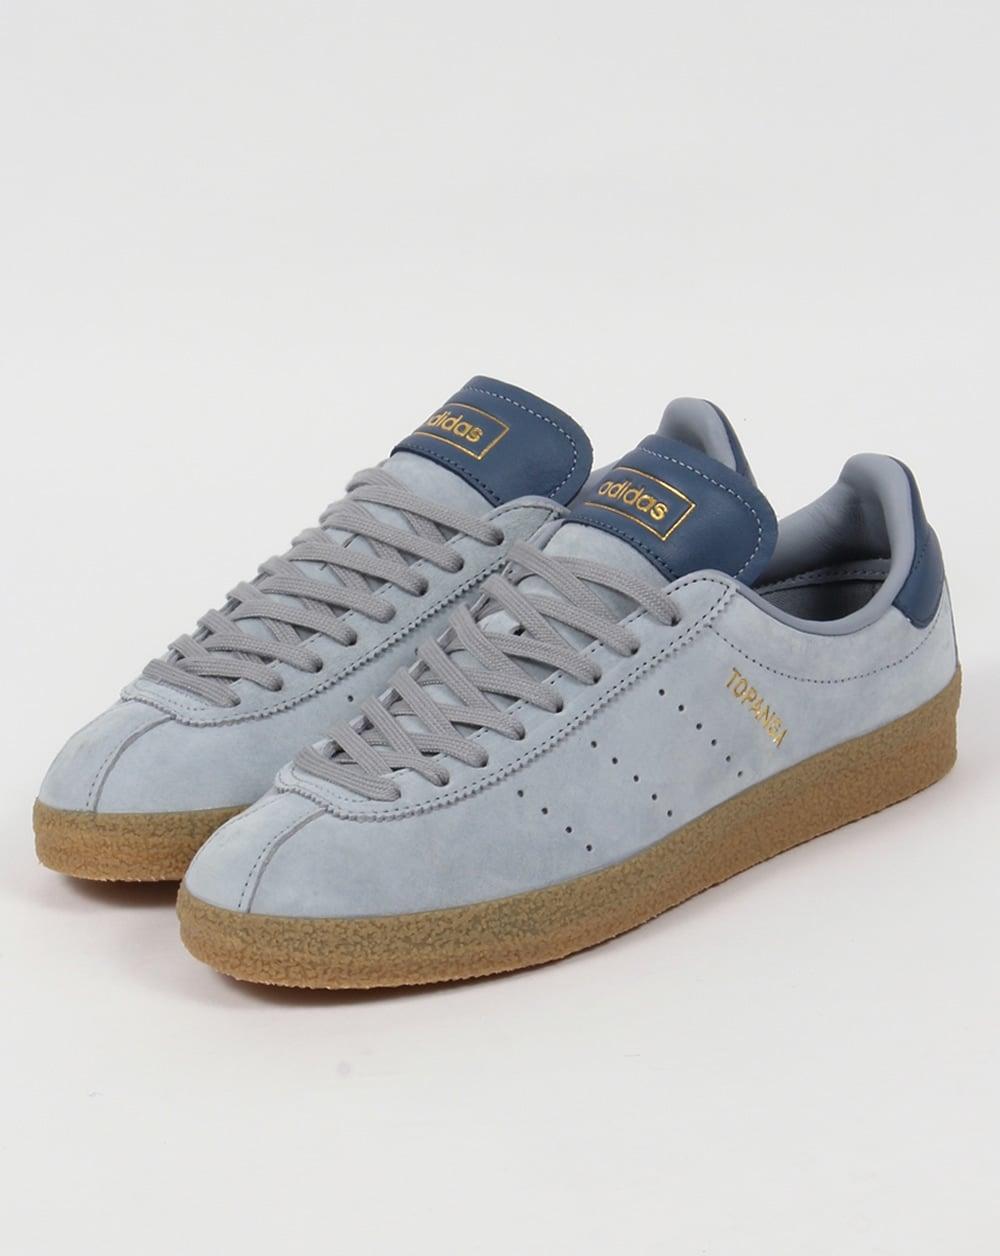 Chaussures Adidas Topanga Clean nMOkswJX9P